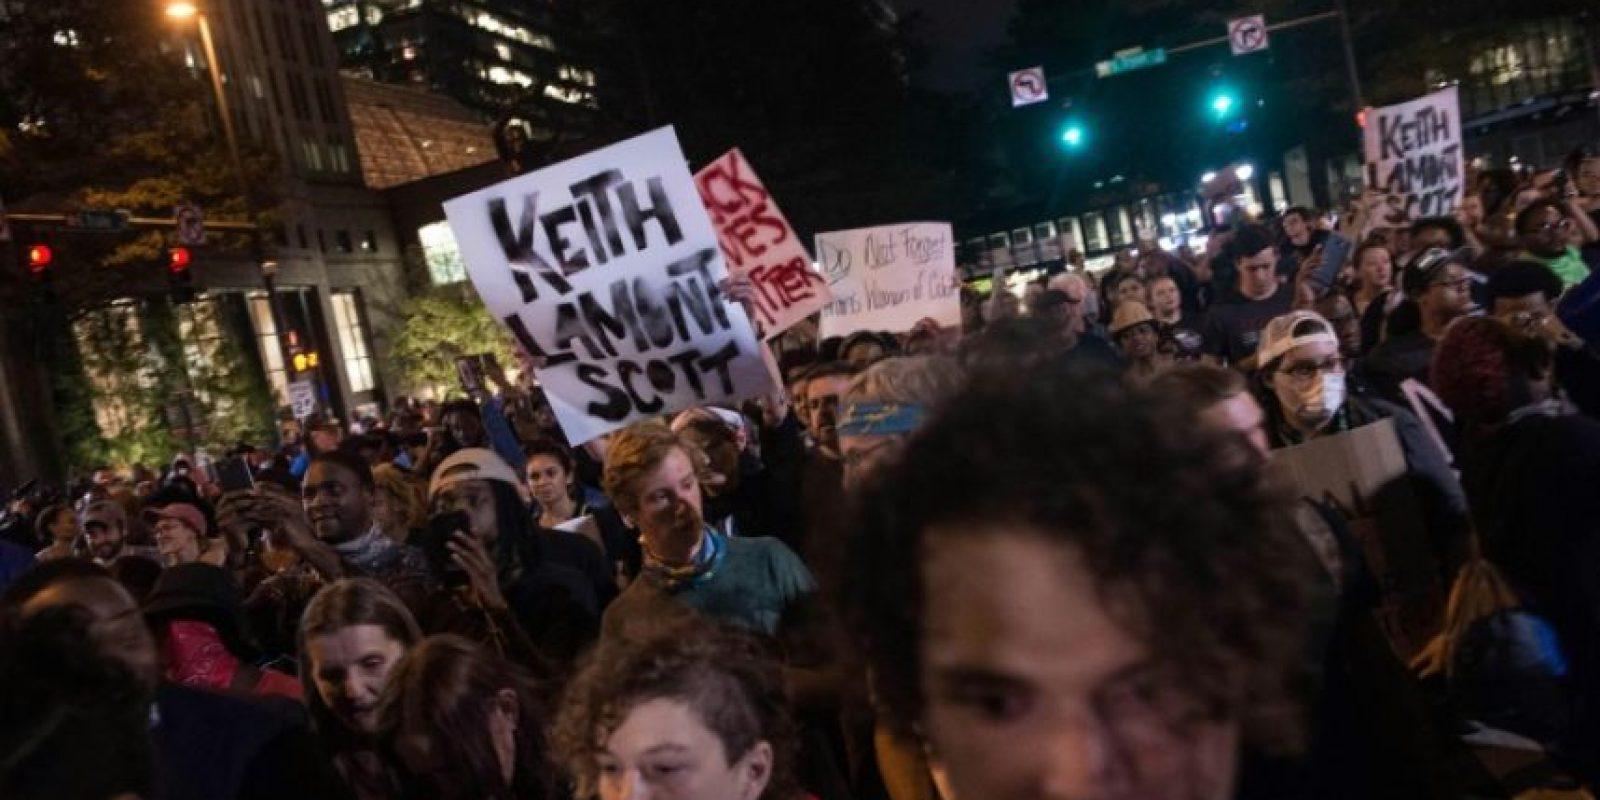 Una manifestación el 22 de septiembre de 2016 en Charlotte, en Carolina del Norte (EEUU) en repulsa por la muerte del afroamericano Keith Lamont Scott a manos de la policía Foto:Nicholas Kamm/afp.com